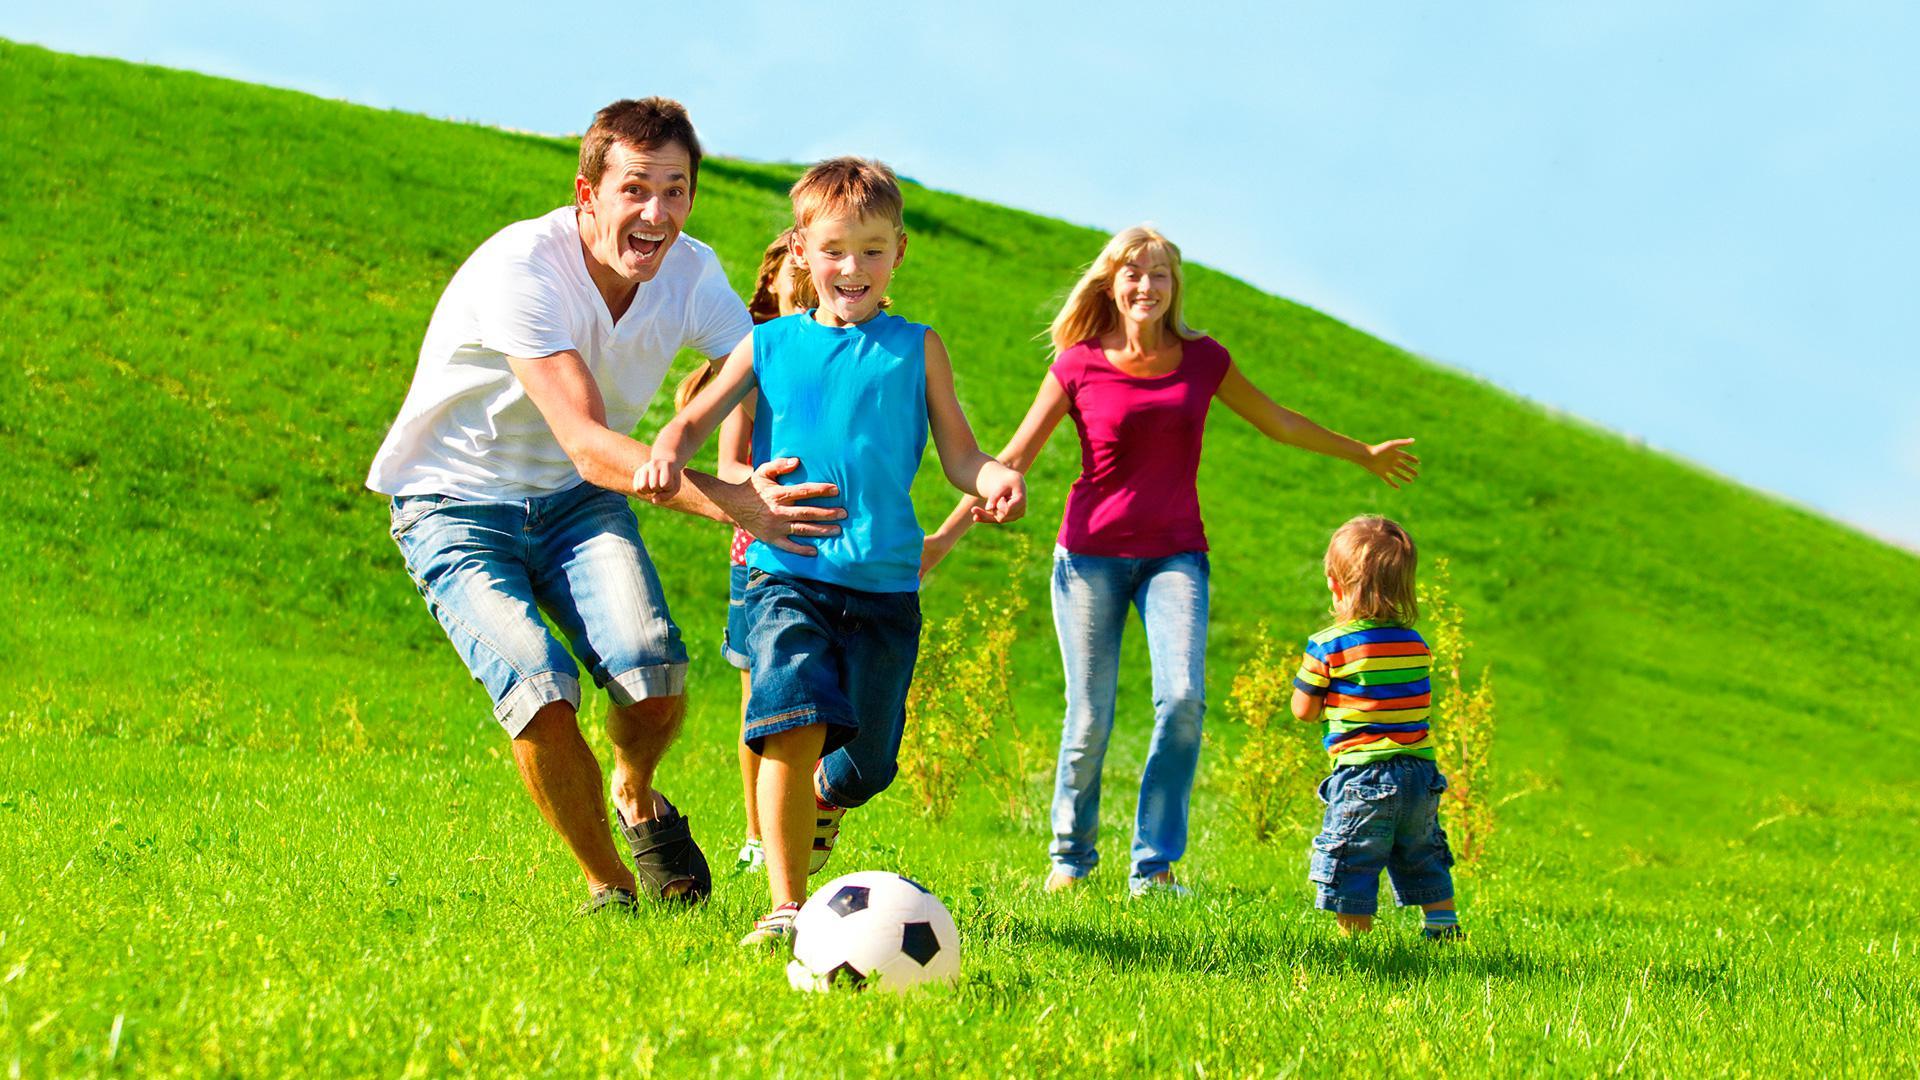 familia aire libre juego